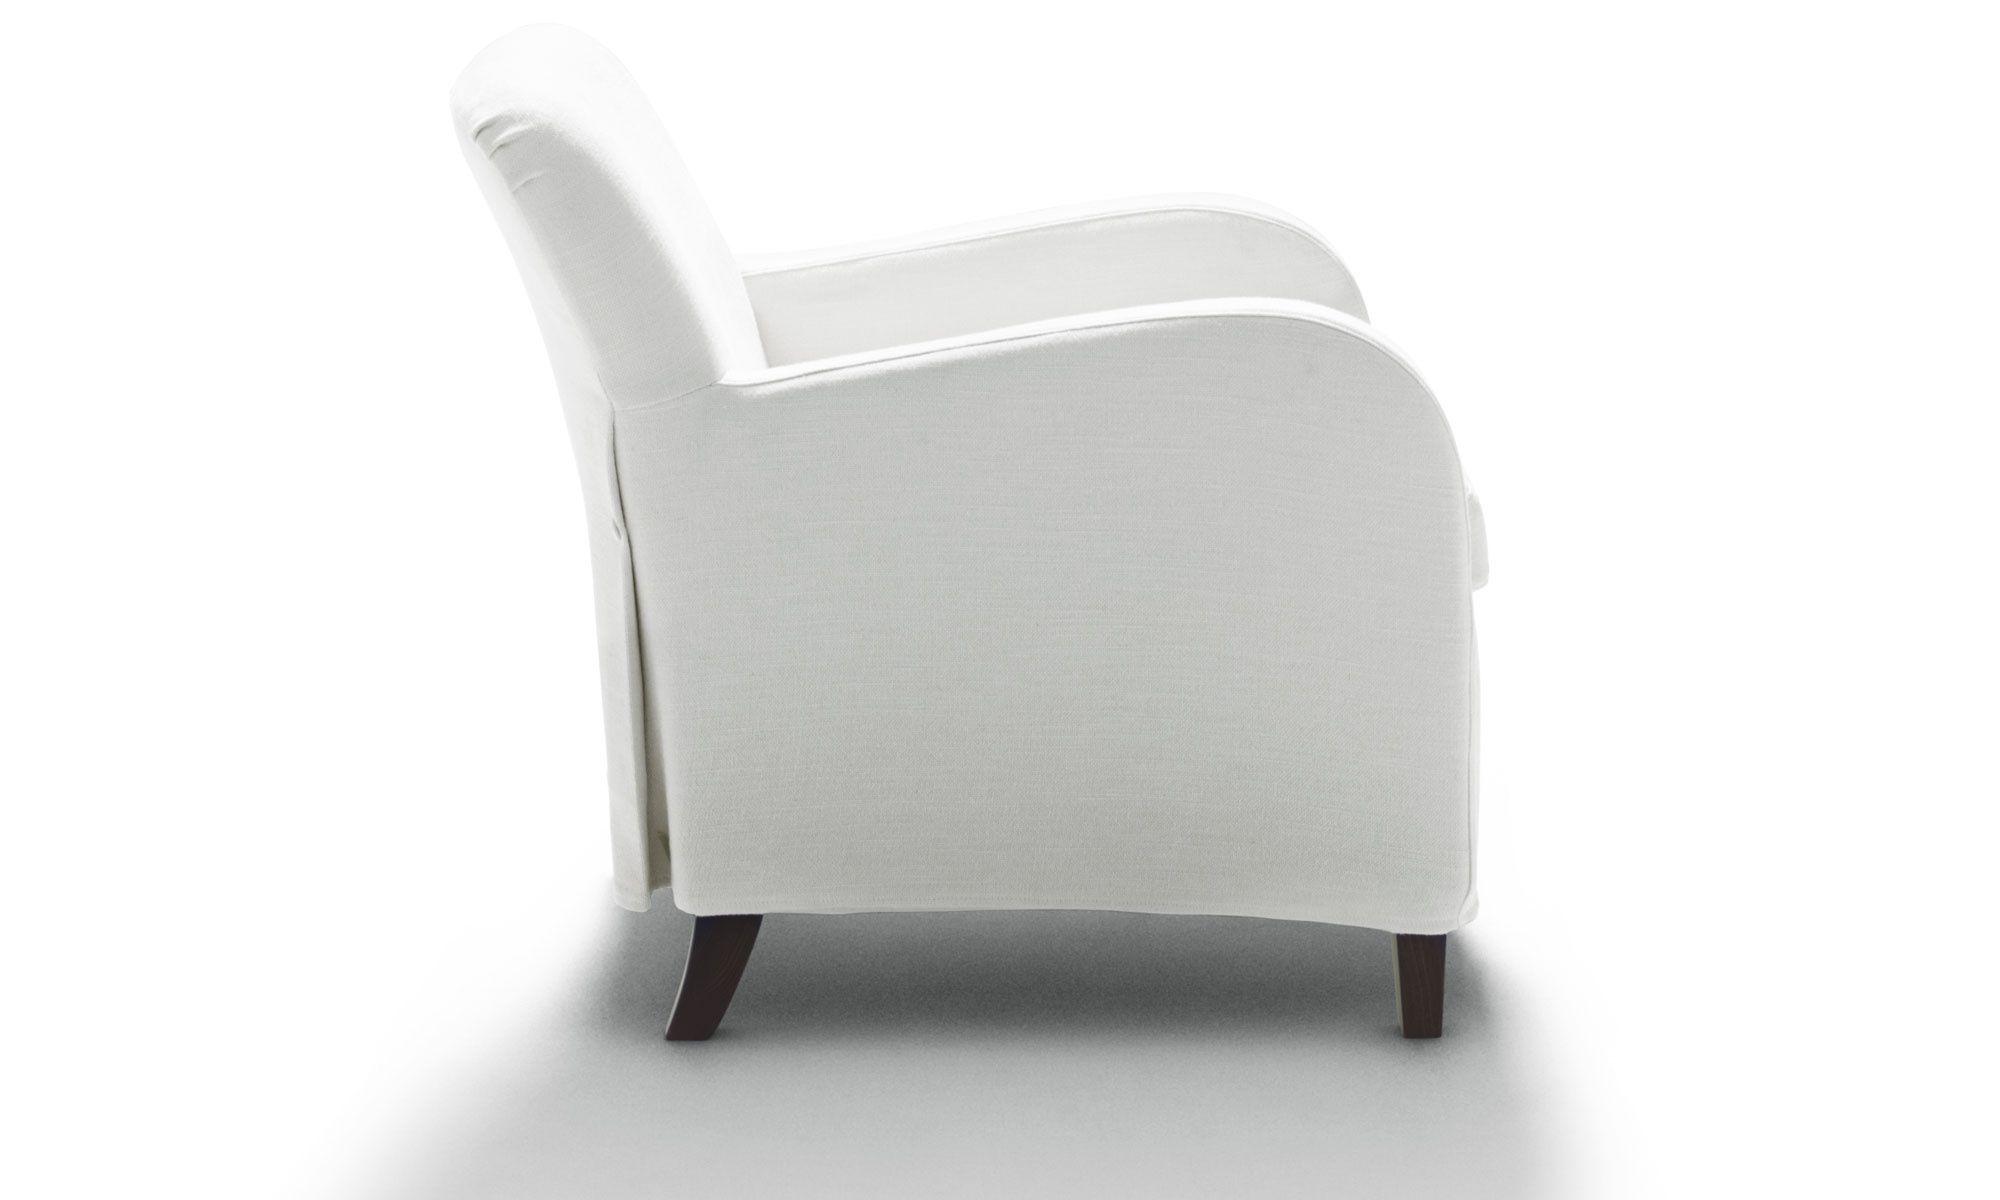 Poltrona moderna in tessuto bianca di vico magistretti